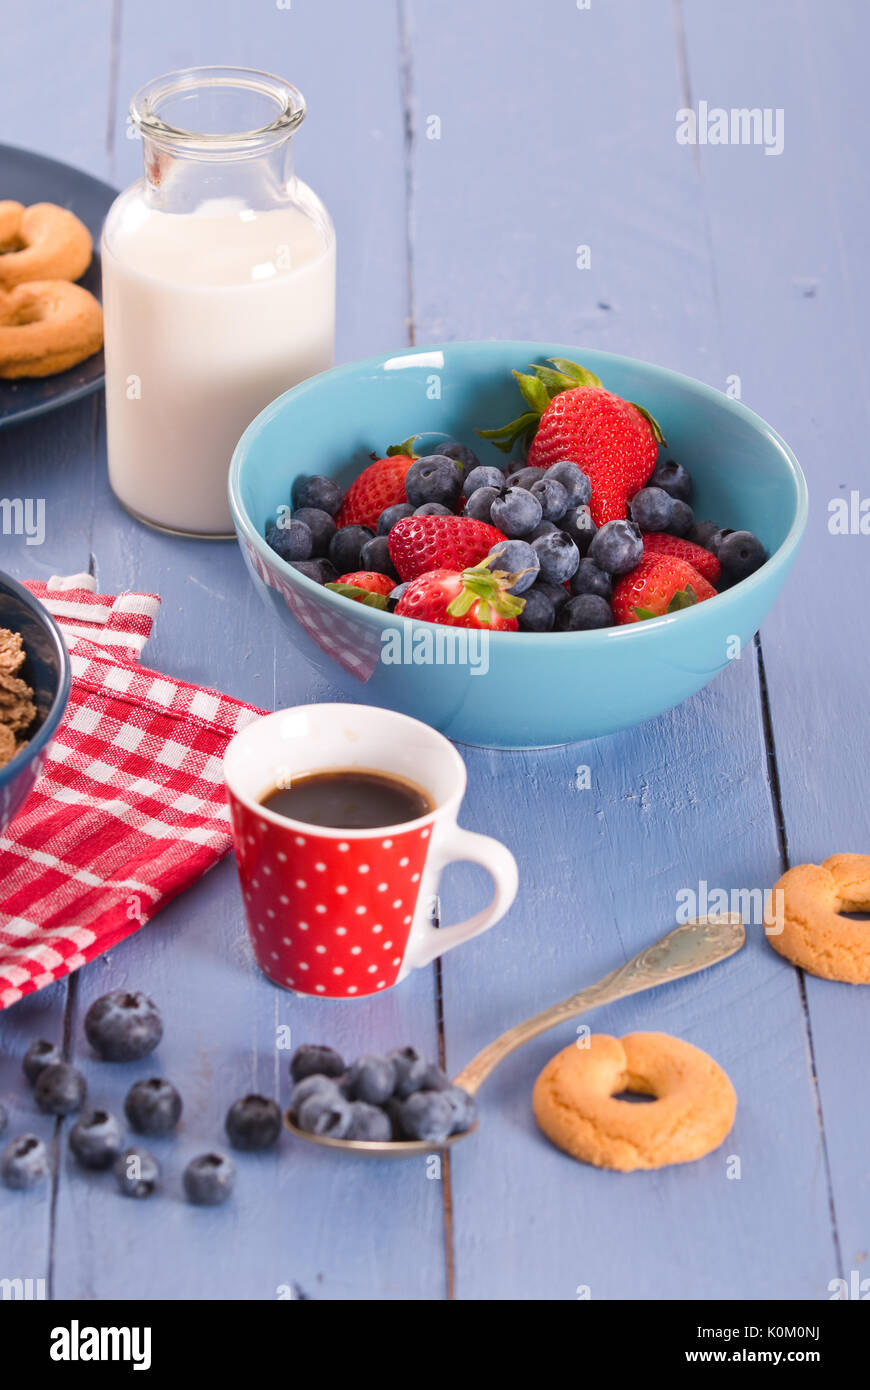 Breakfast with wholegrain cereals. - Stock Image